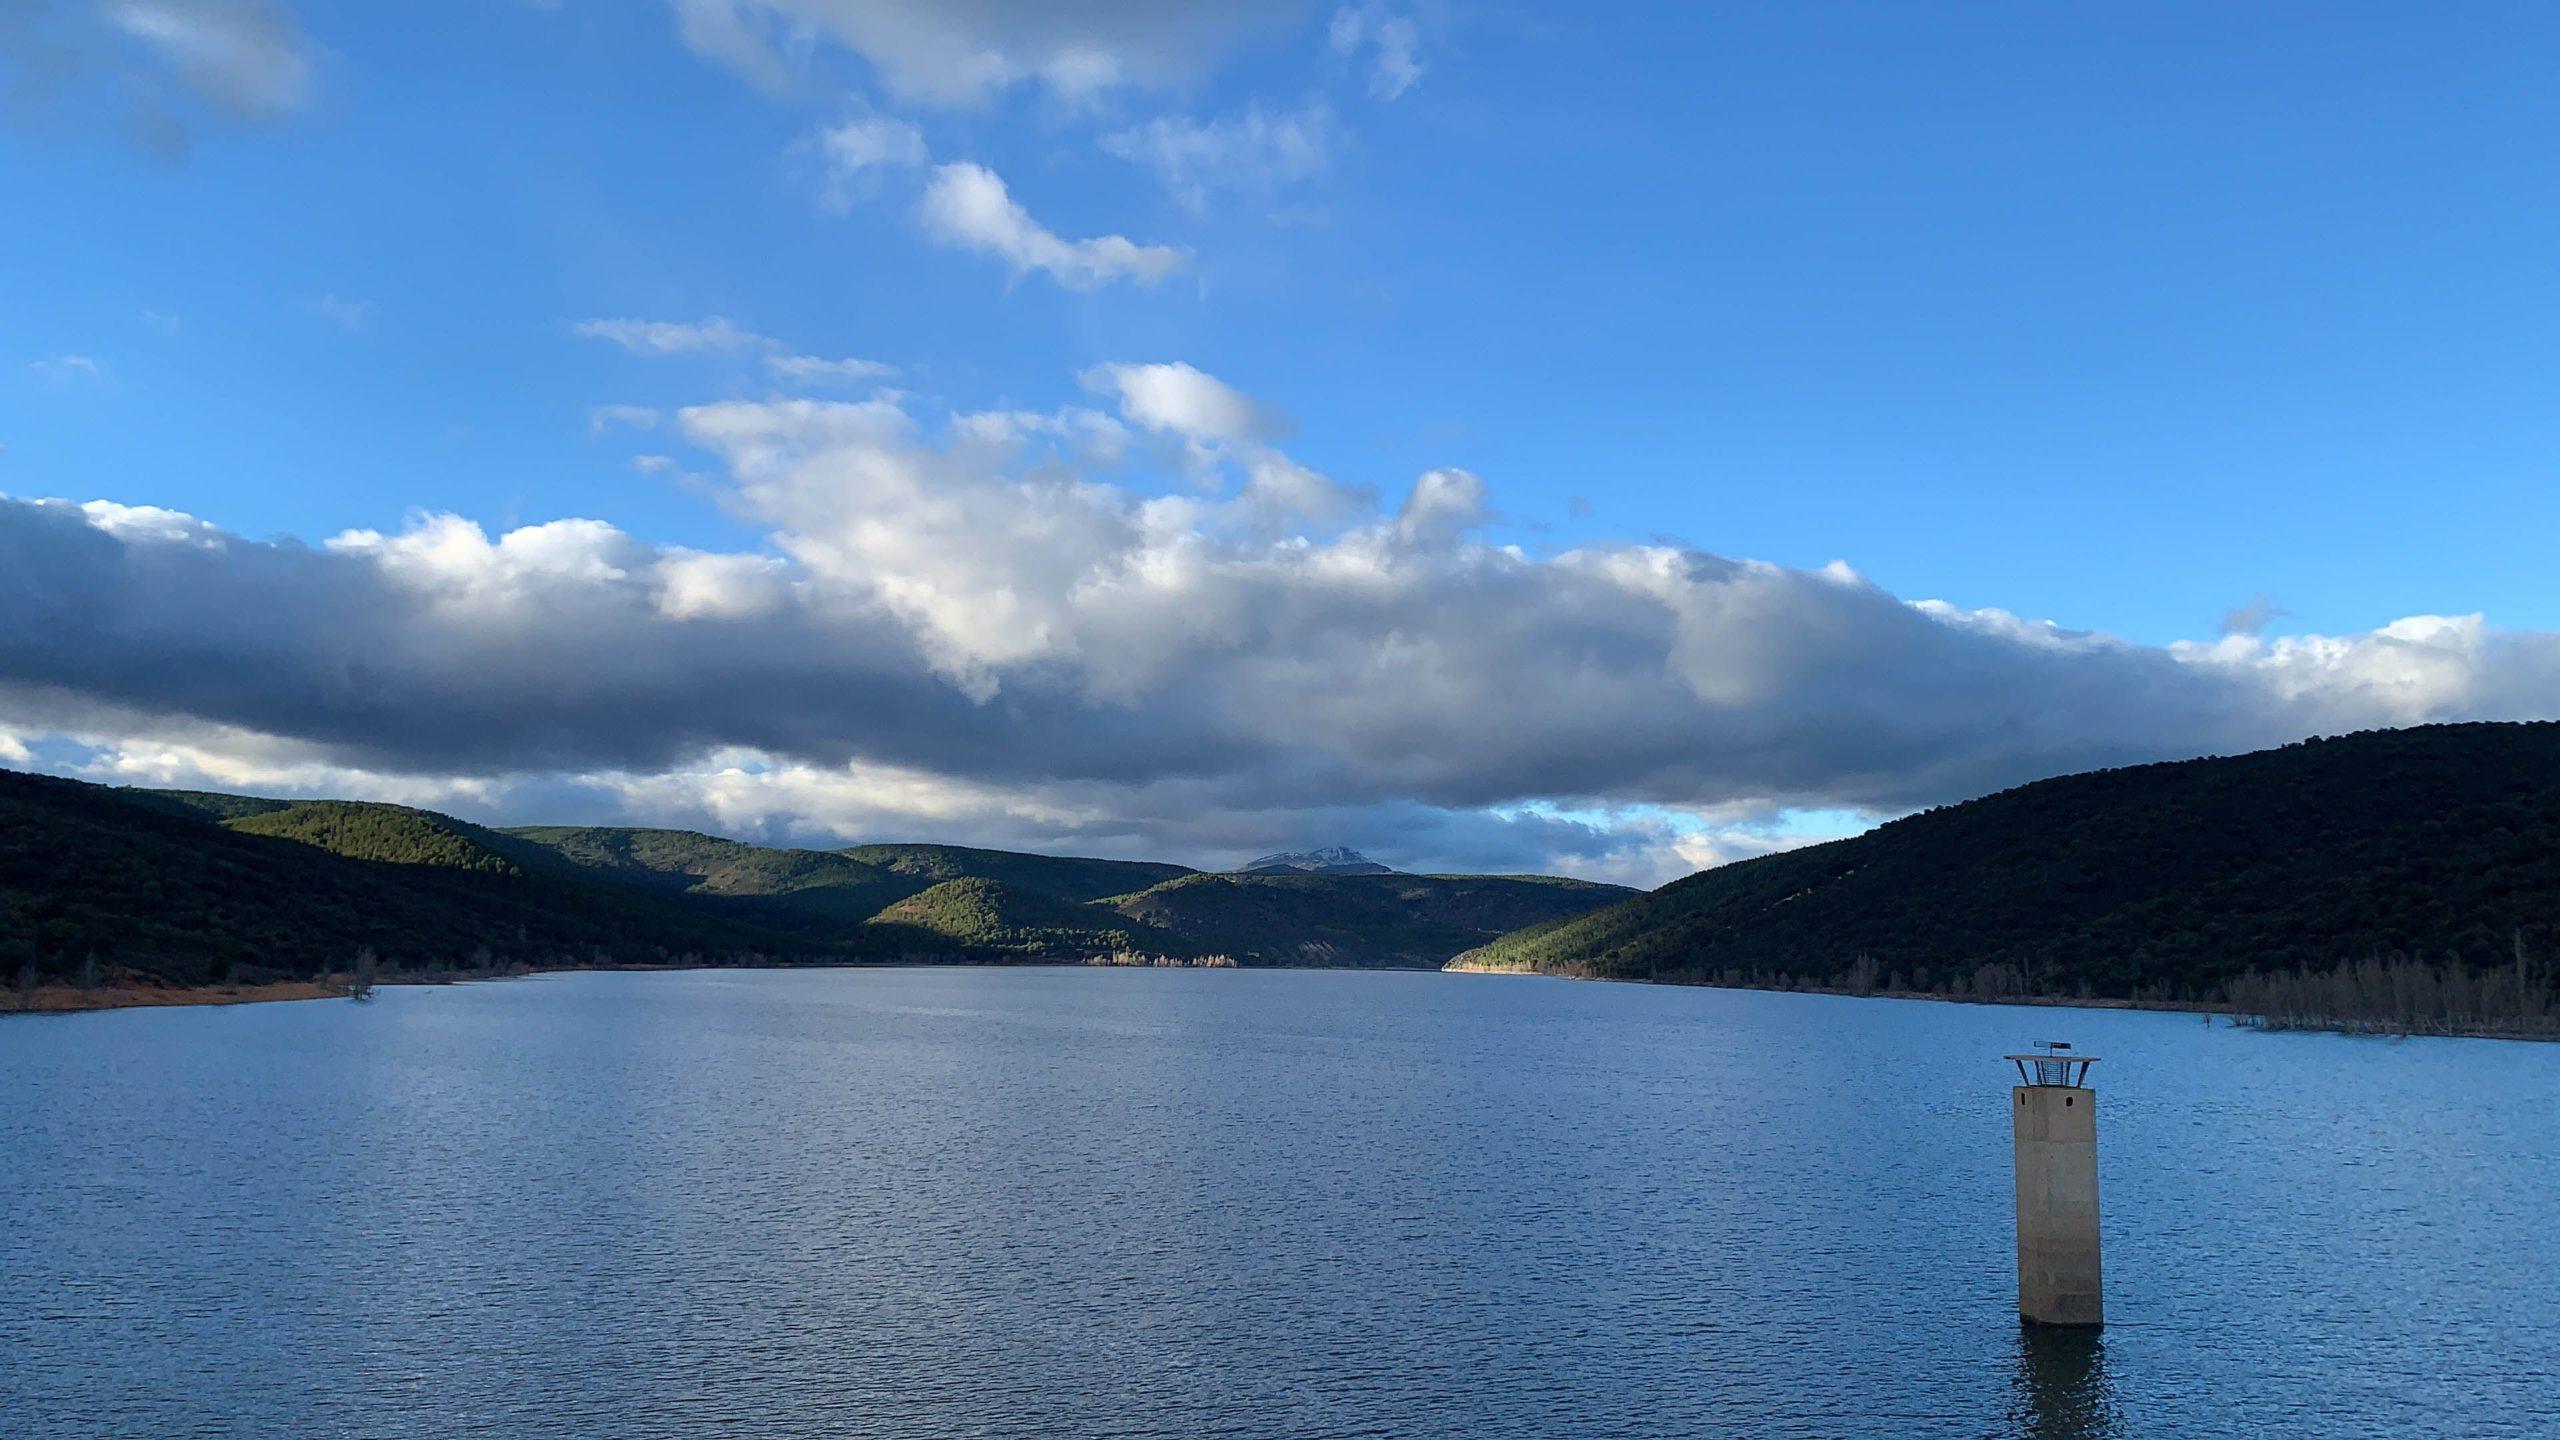 Desde el 15/1, la Sierra Norte de Guadalajara ha desembalsado 260 Hm³ de un preciado bien, como es el agua